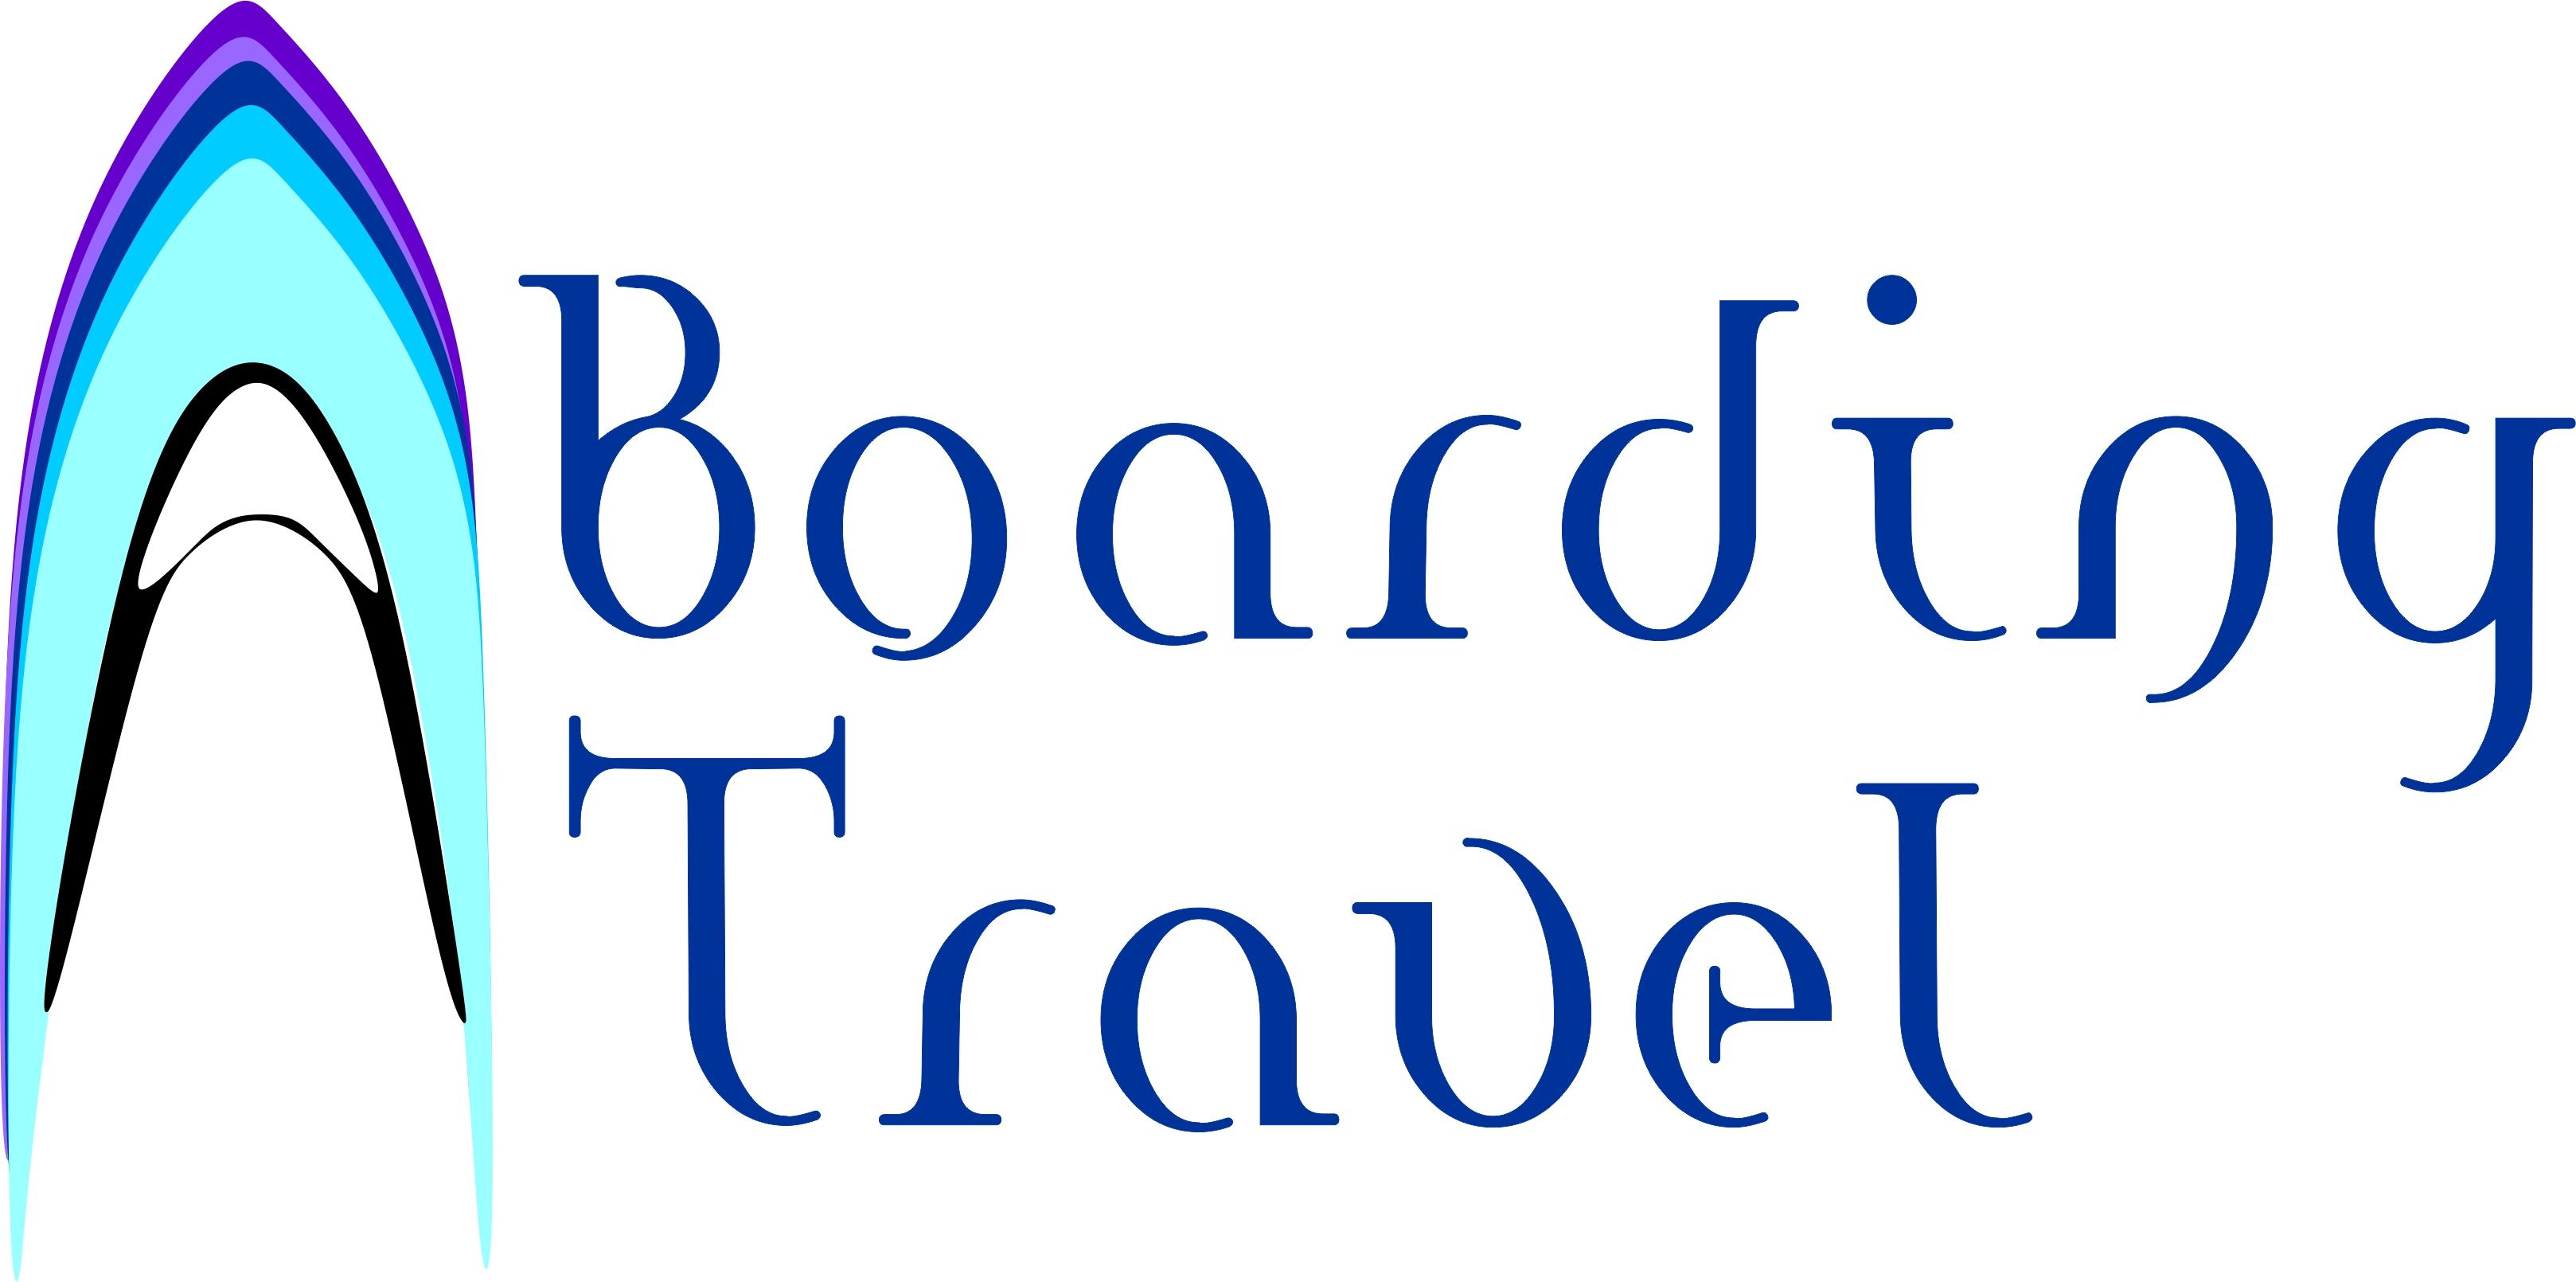 Inveraricos Tiquetes baratos a cualquier destino. Reserva y compra tiquetes aéreos, cuartos de hoteles, autos, cruceros y paquetes turísticos en línea